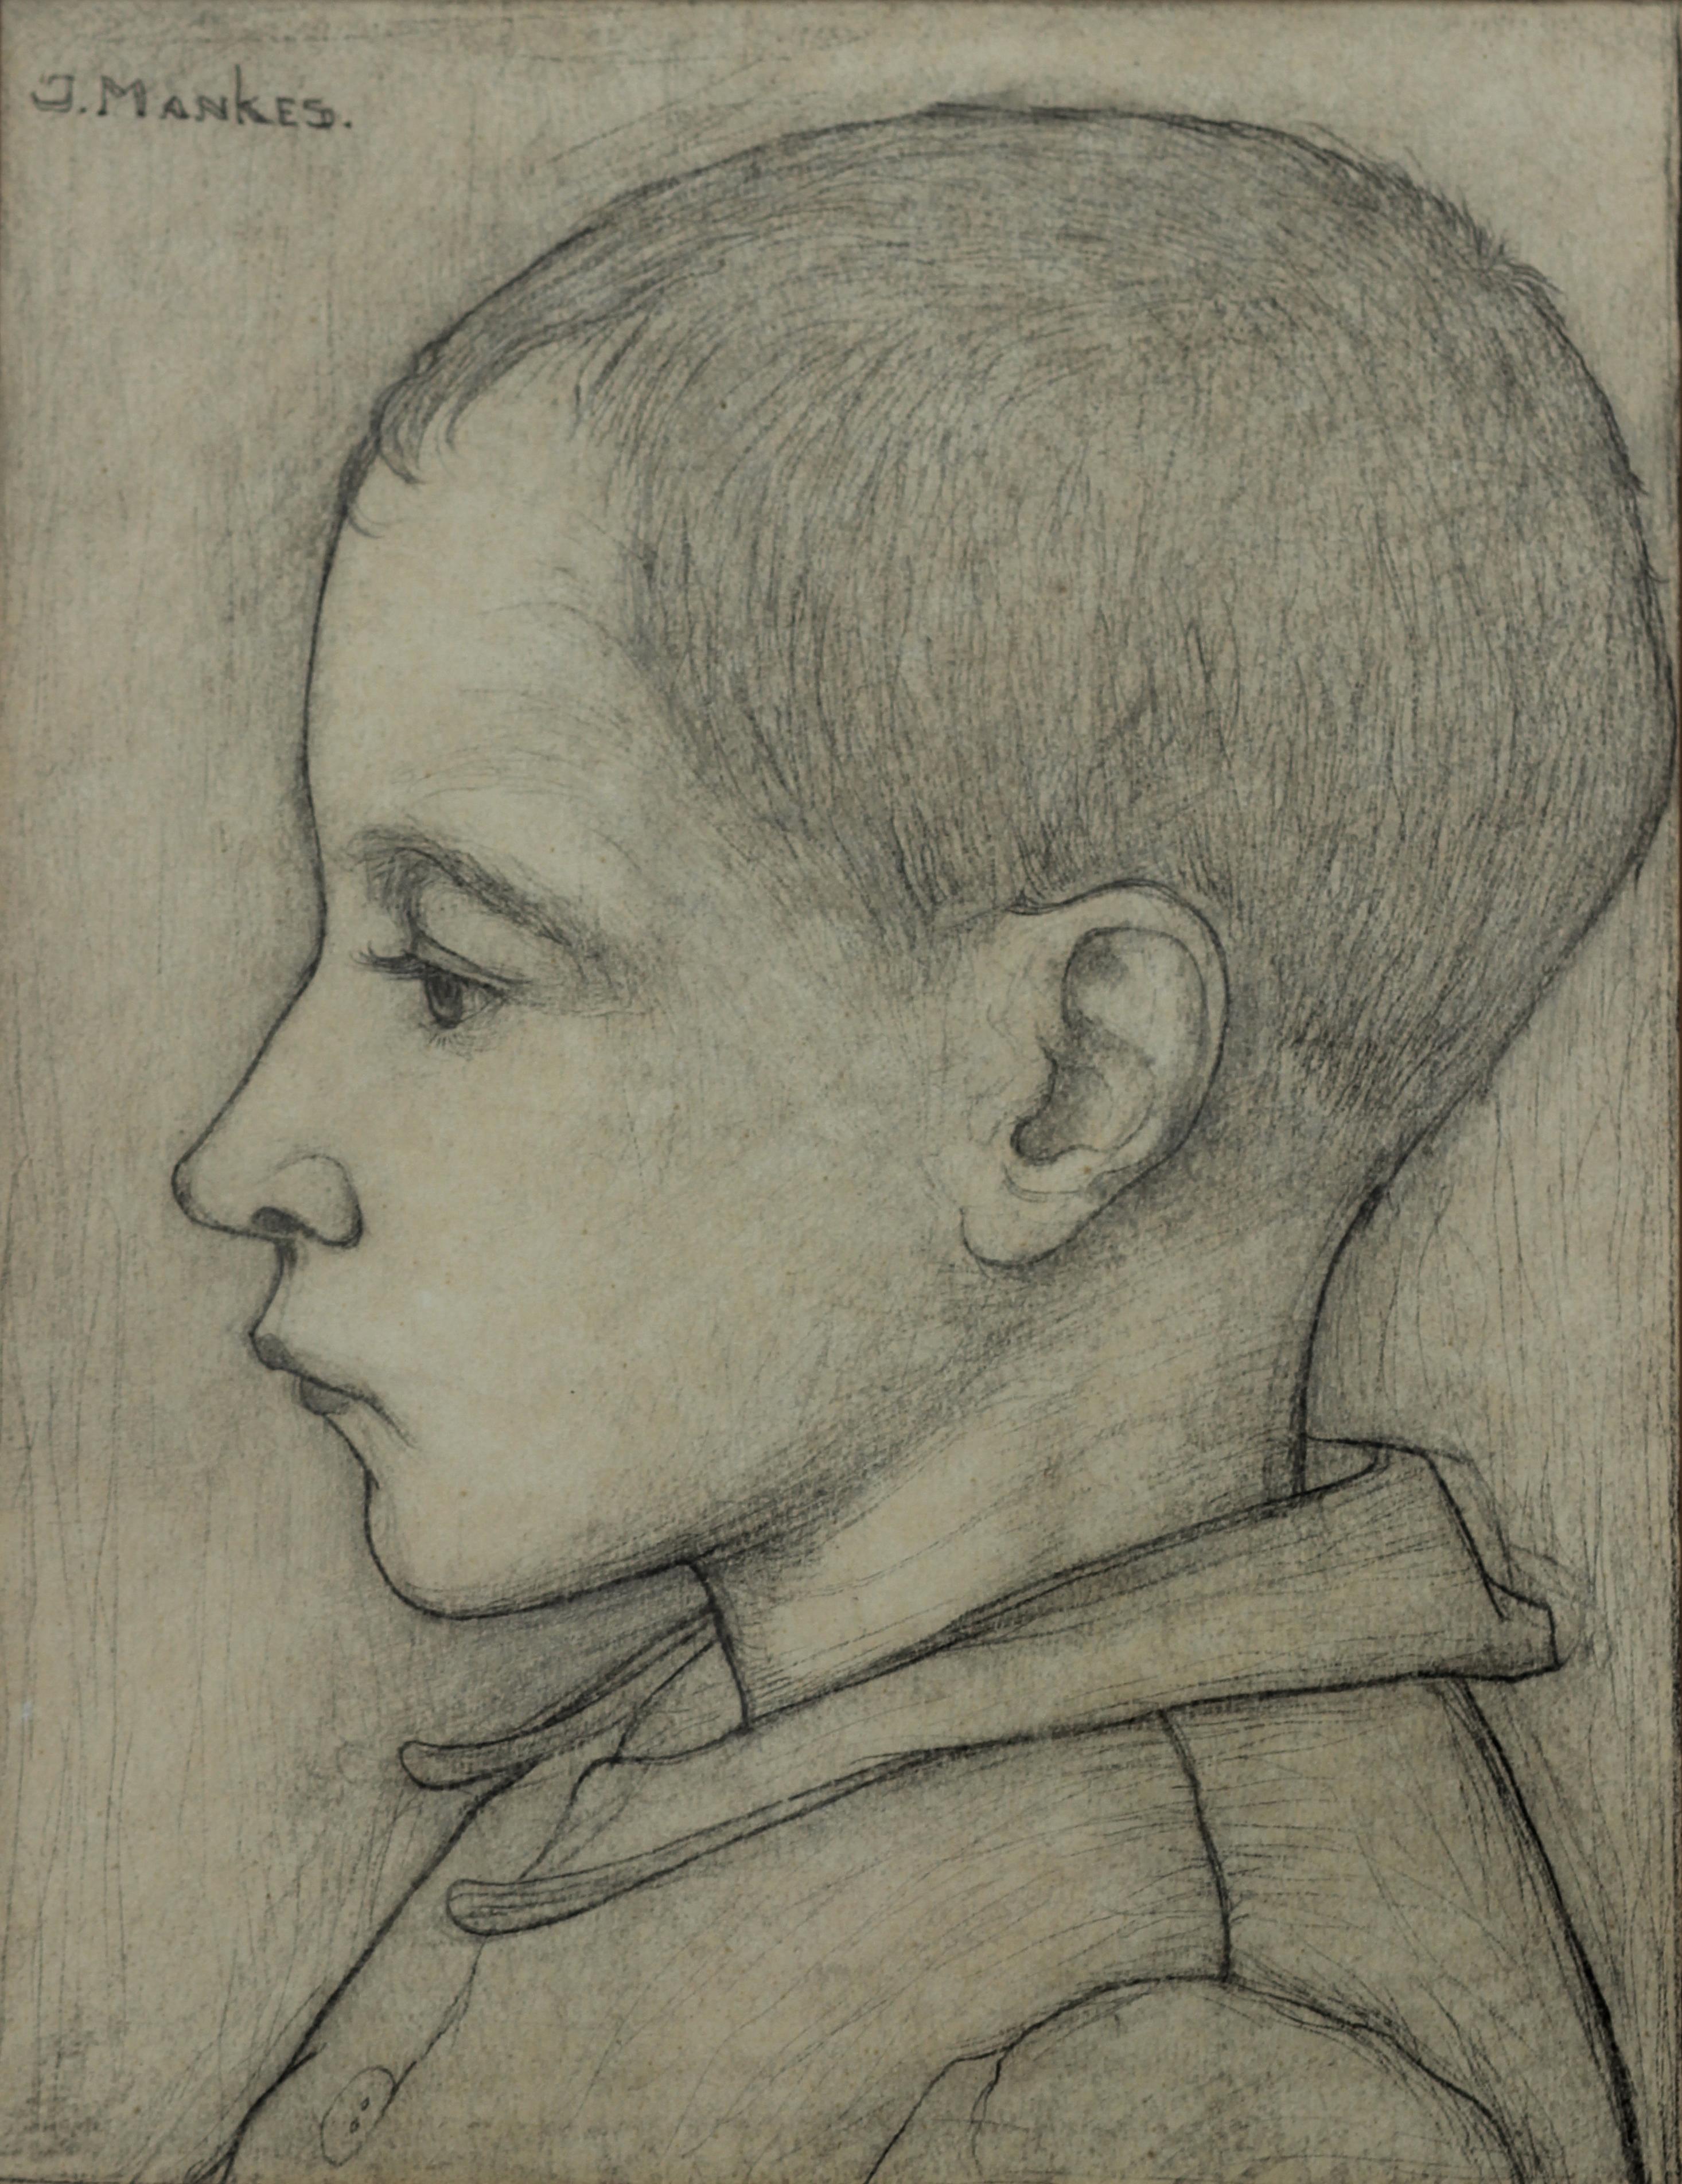 Jongetje en profile- Jan Mankes